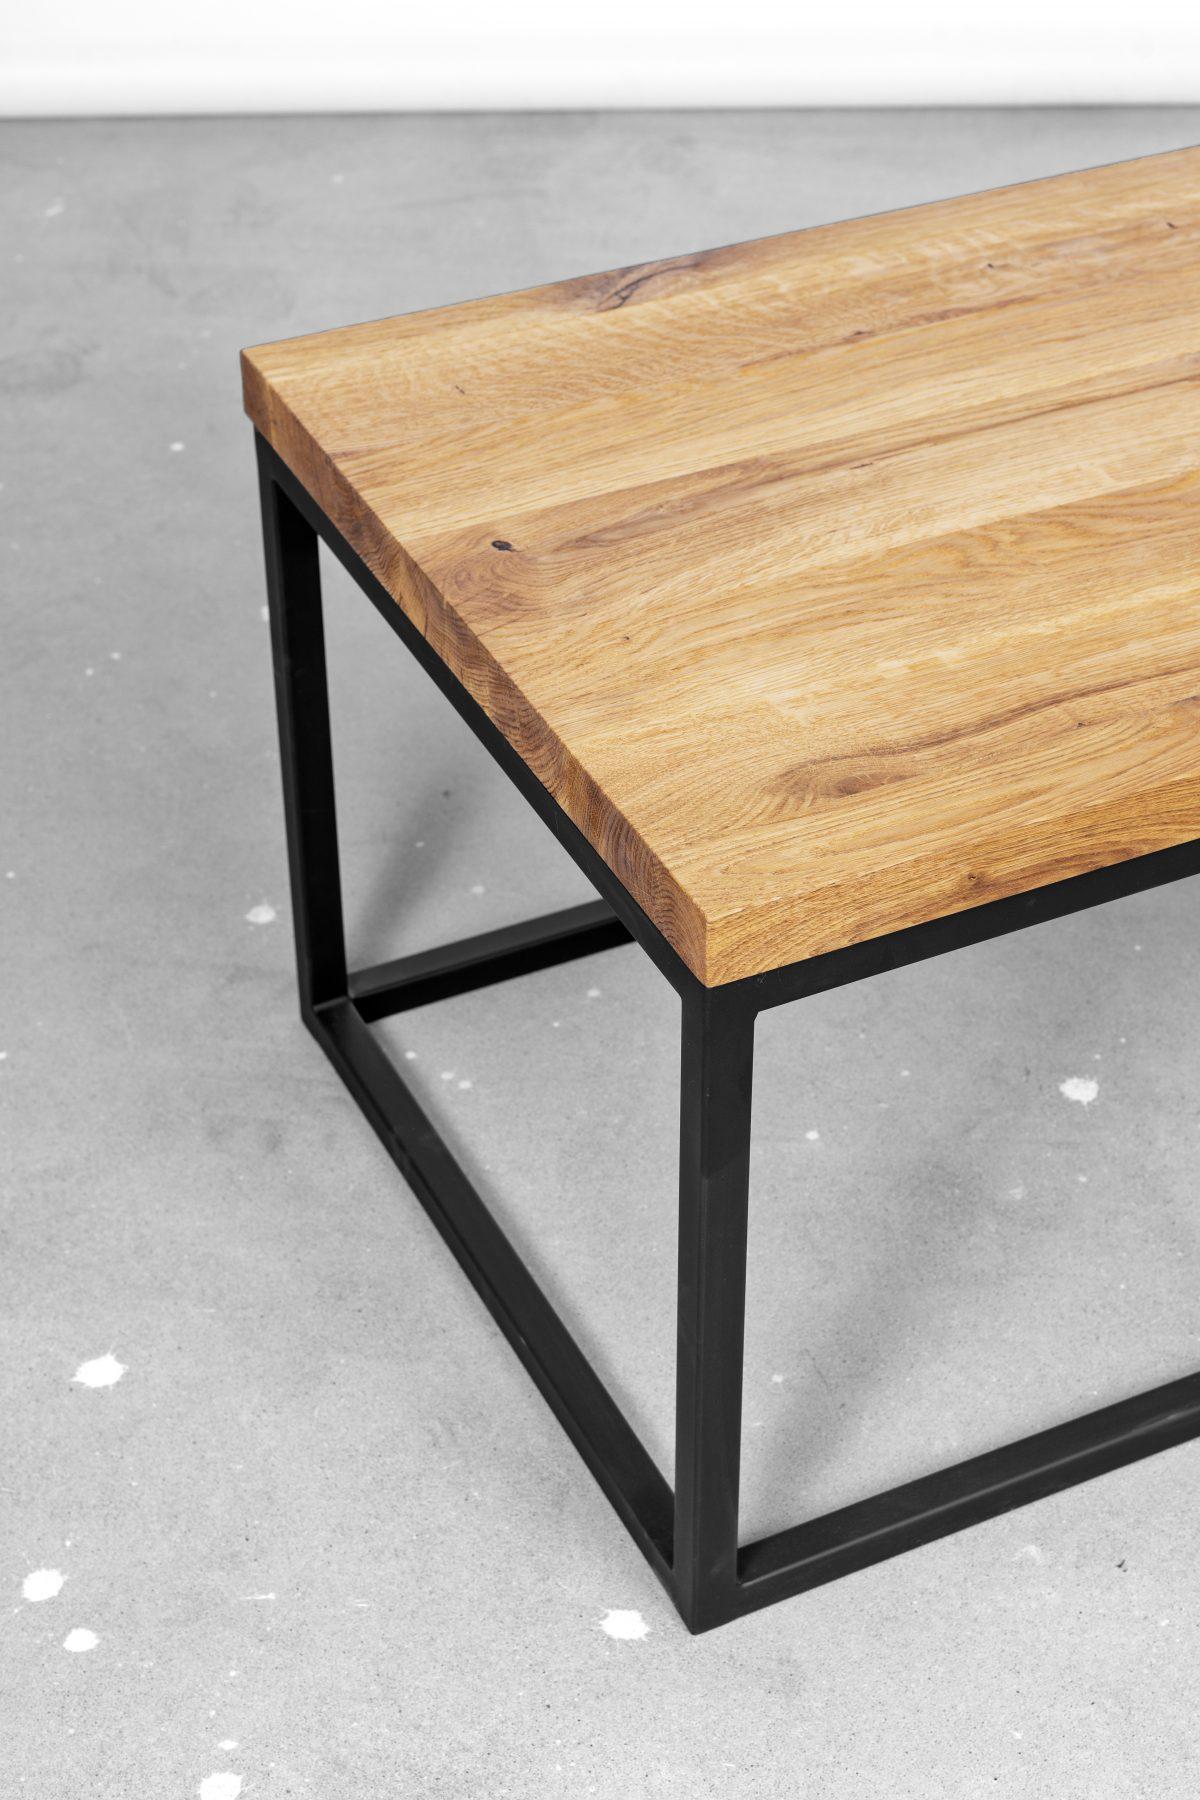 AIR COFFE TABLE